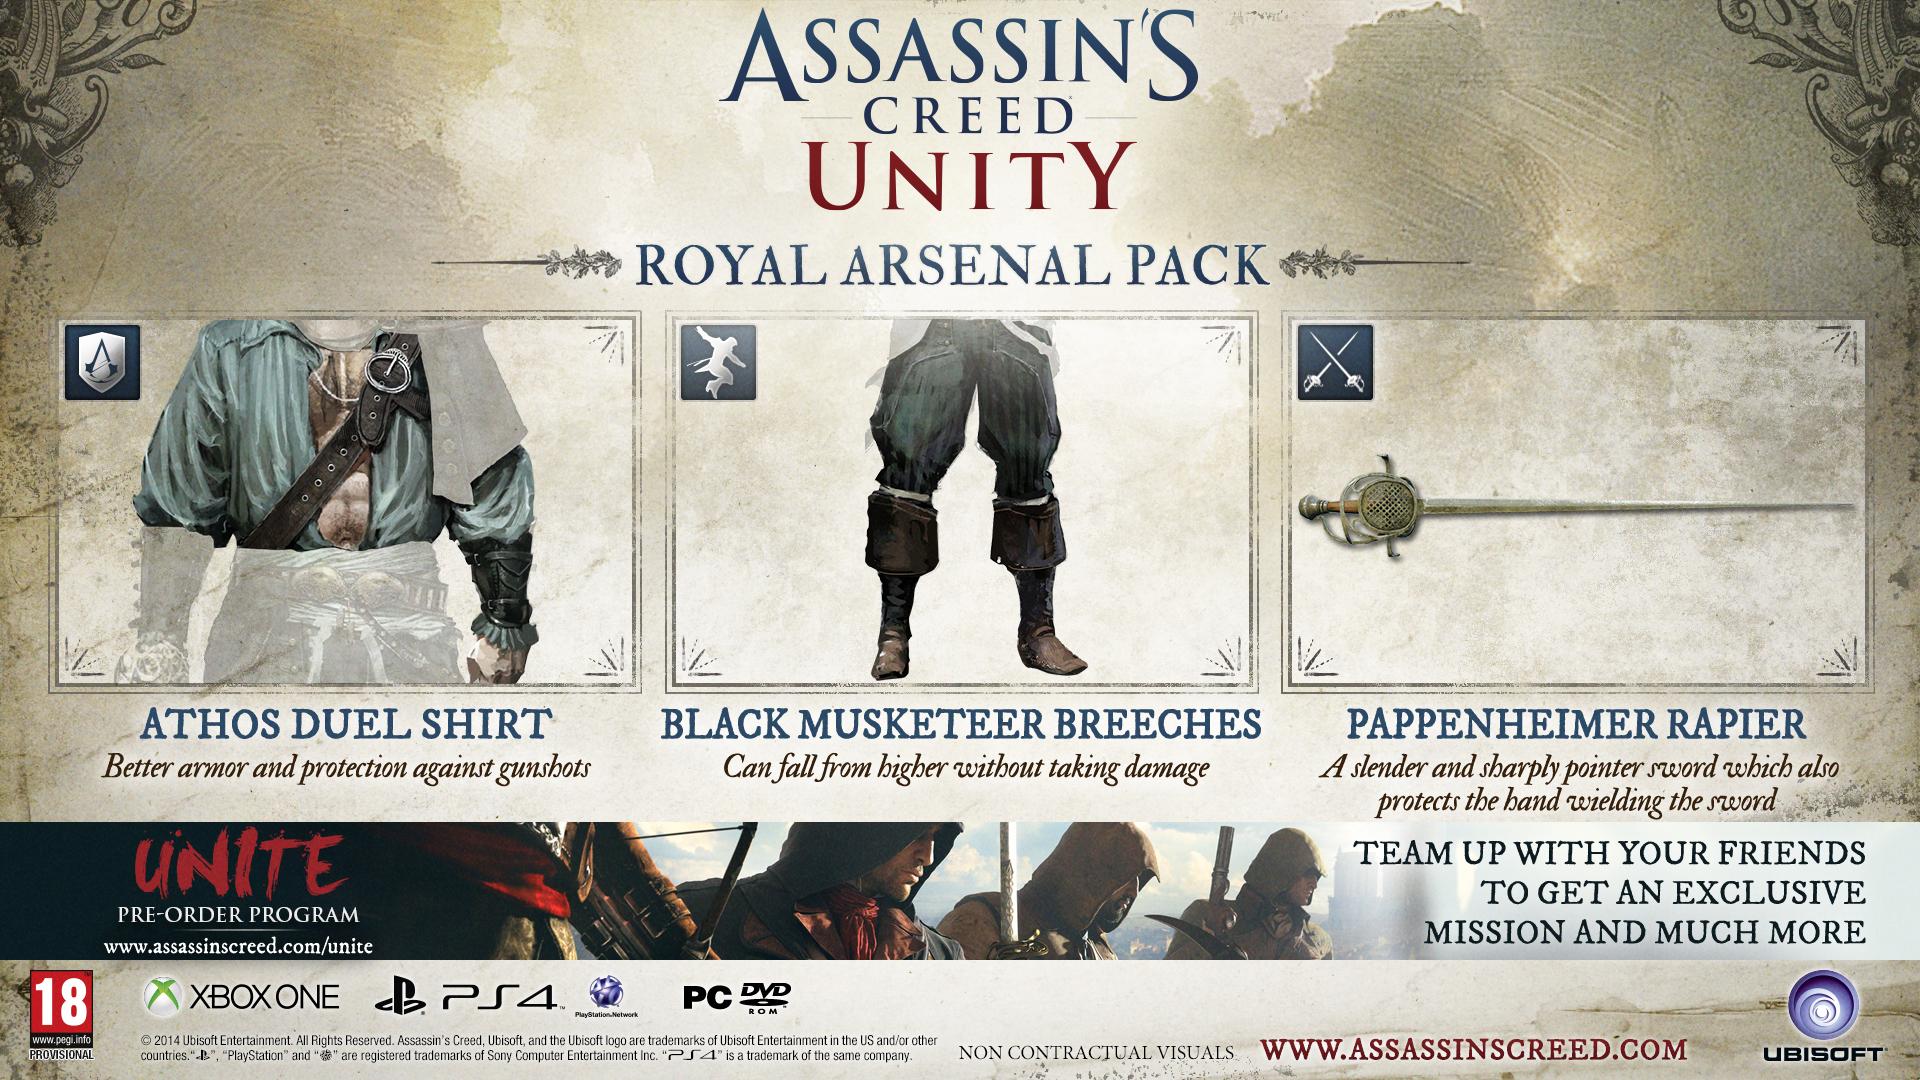 Assassins-Creed-Unity-preorder-royalarsenal-e3